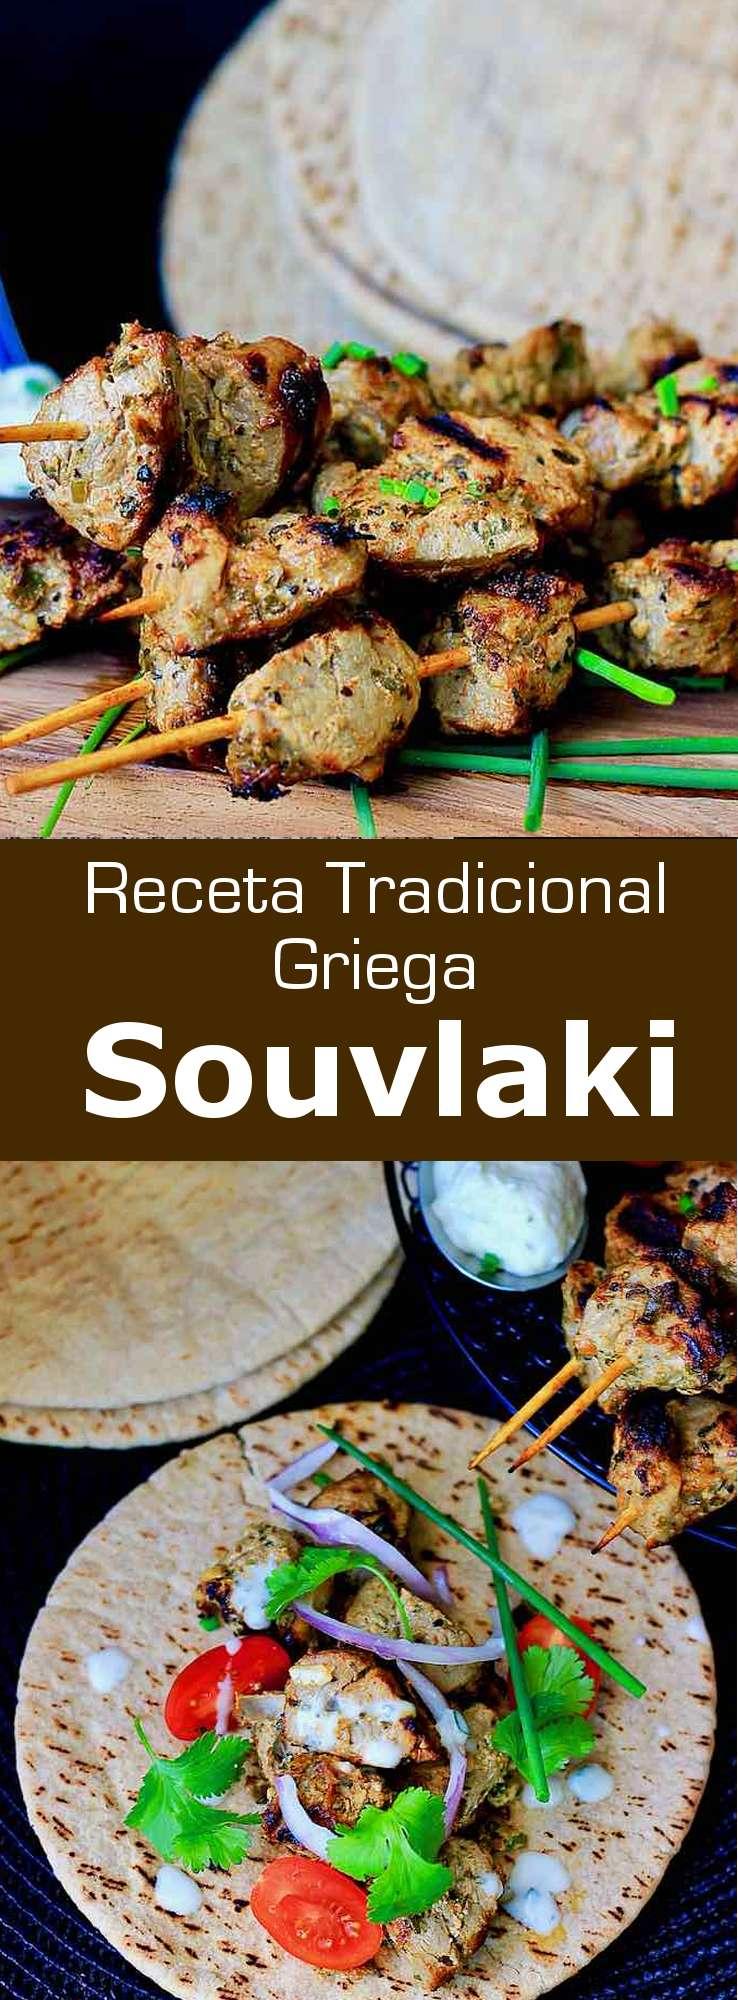 El souvlaki (σουβλάκι) es un popular plato griego que se prepara a partir de pequeños trozos de carne de cerdo, pollo o res, que se suelen asar en una barbacoa.